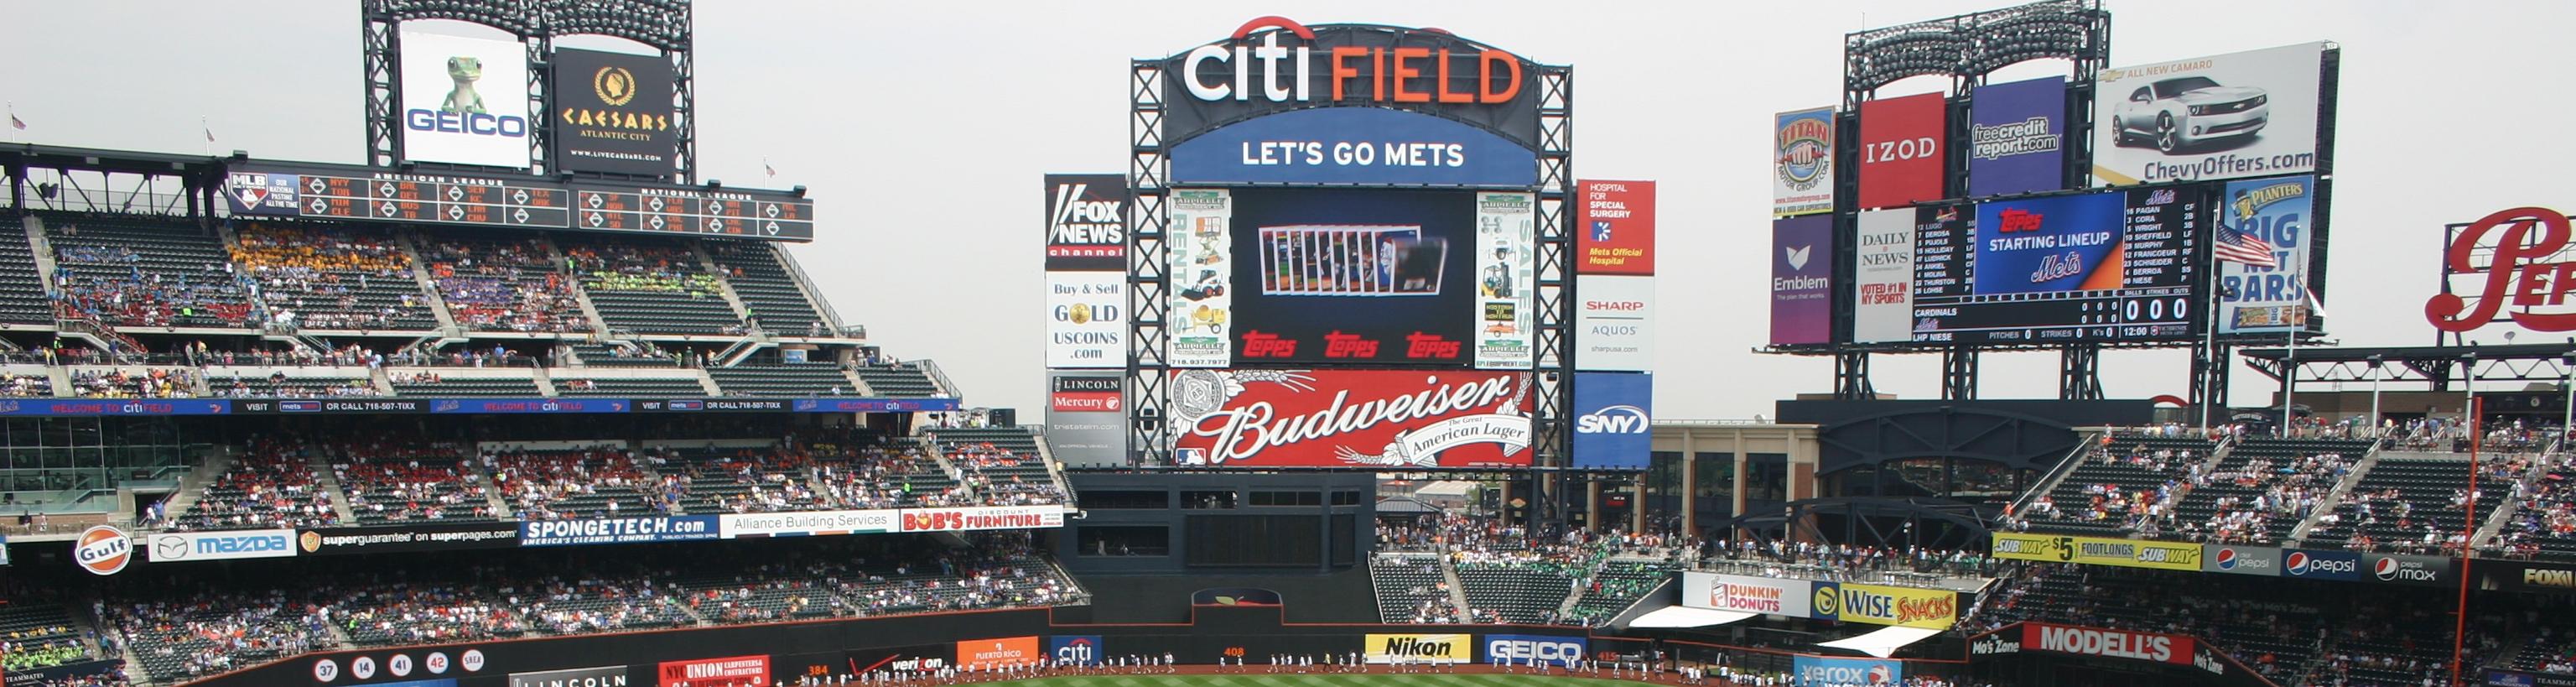 Citi_Field_Scoreboard.jpg